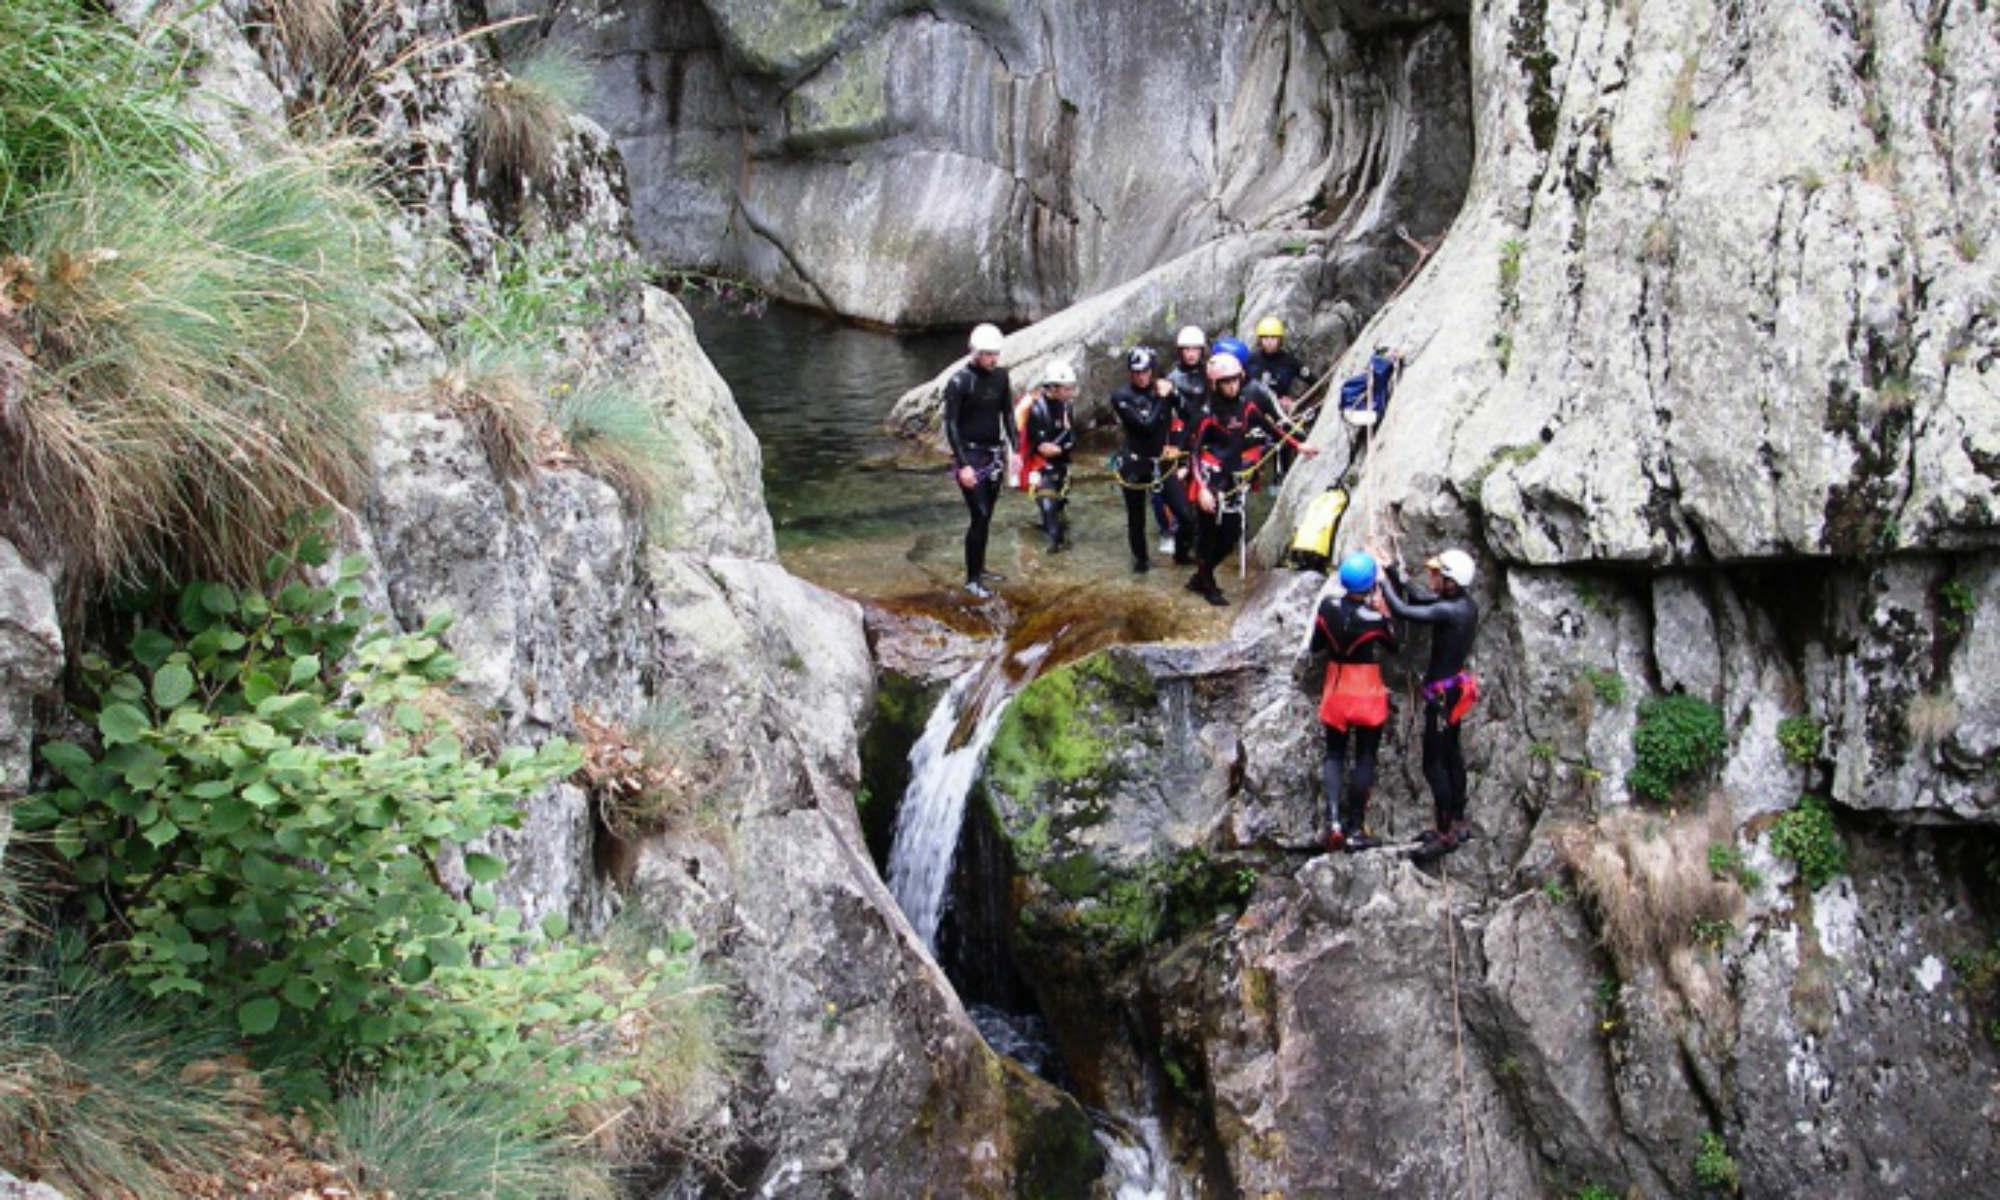 Un groupe de canyonistes s'apprête à descendre en rappel dans un canyon en Ardèche.